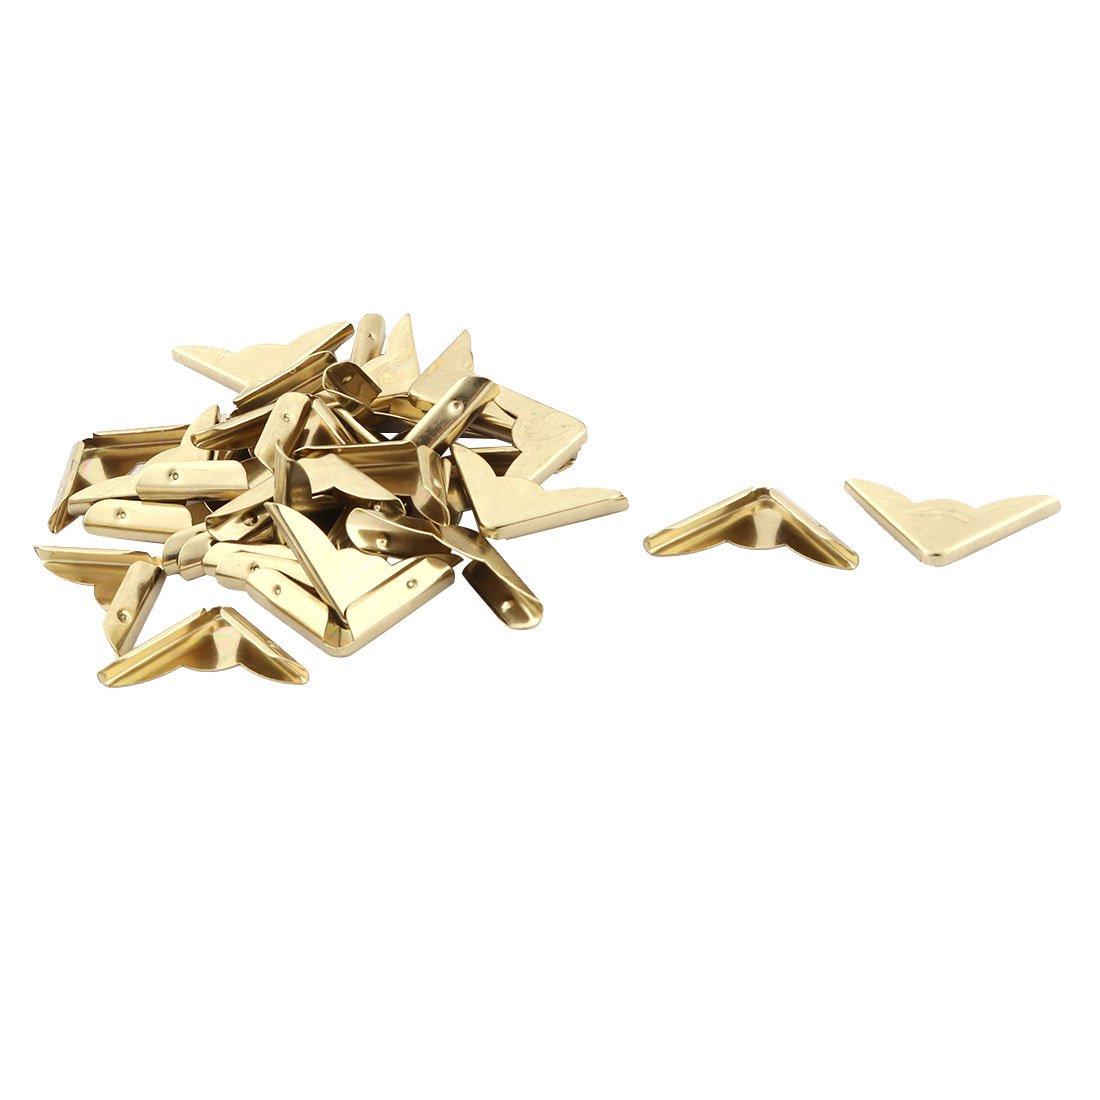 sourcingmap Metallo per uso domestico in stile vintage Album Angolo libro della protezione coperchio tono oro 30pcs a17052400ux0837